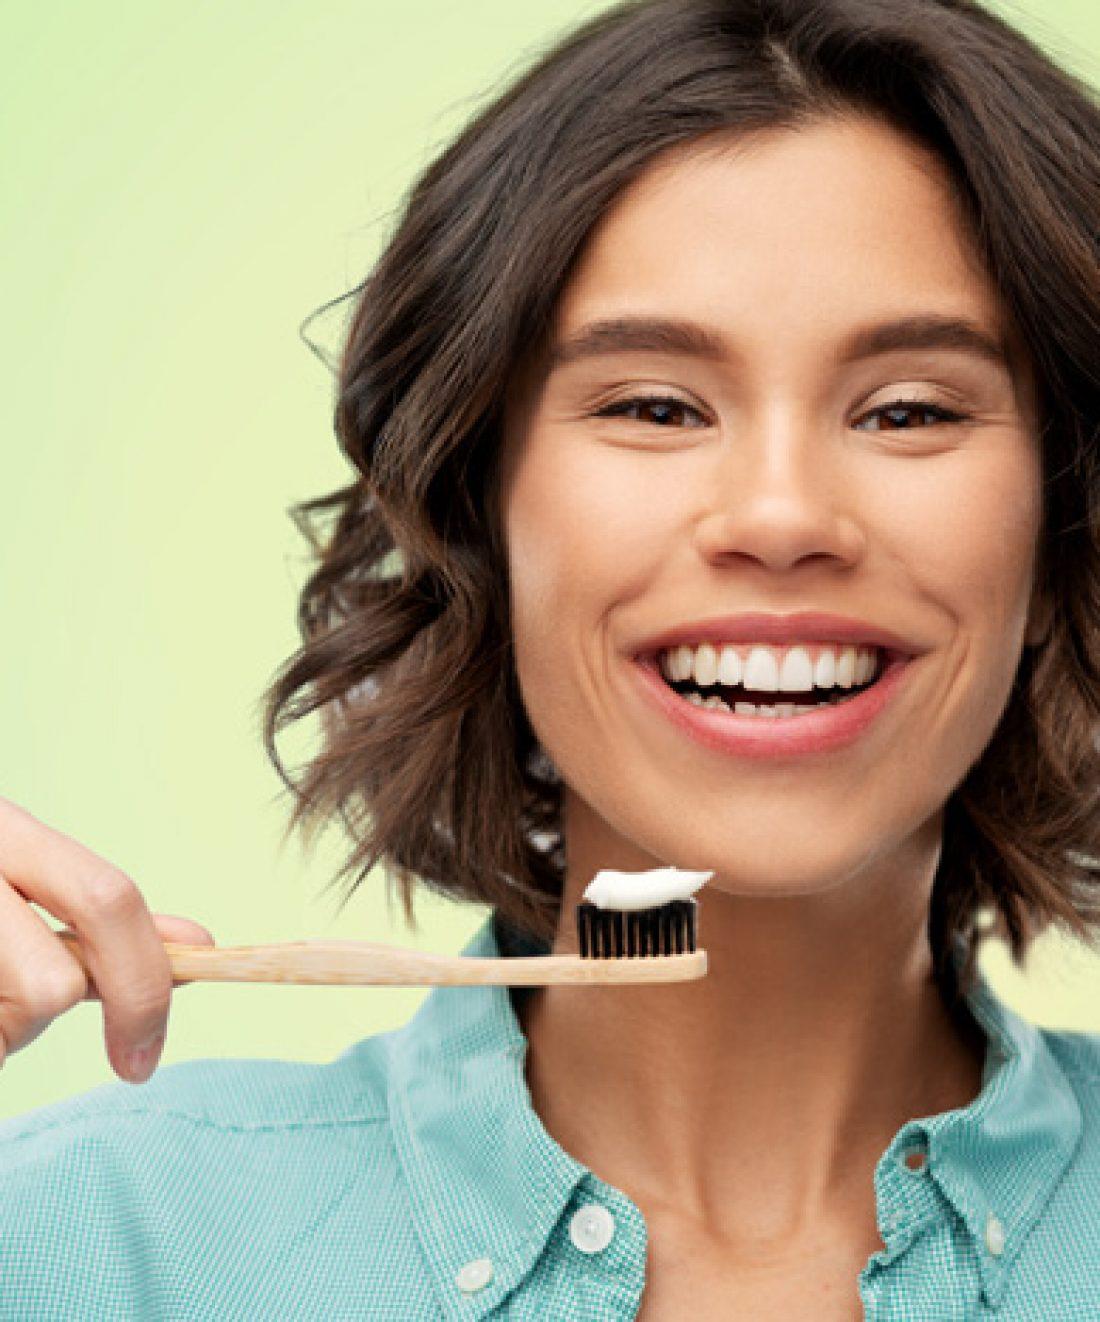 4-conseils-pour-une-hygiene-bucco-dentaire-saine